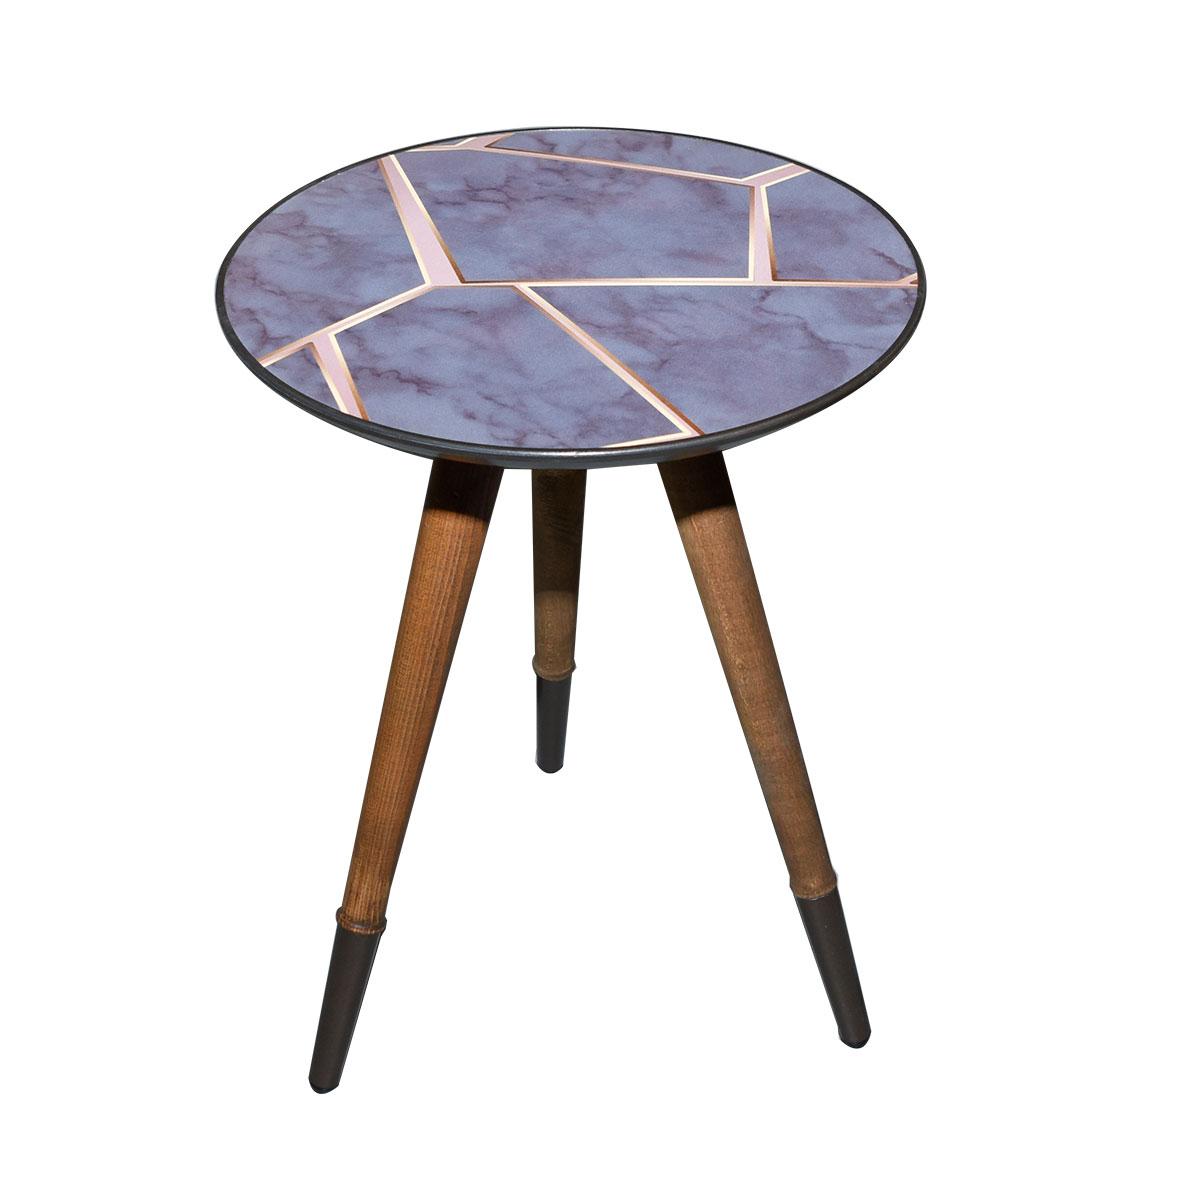 طاولة تقديم وخدمة خشب دائرية - تركي منقوش متعدد الوان